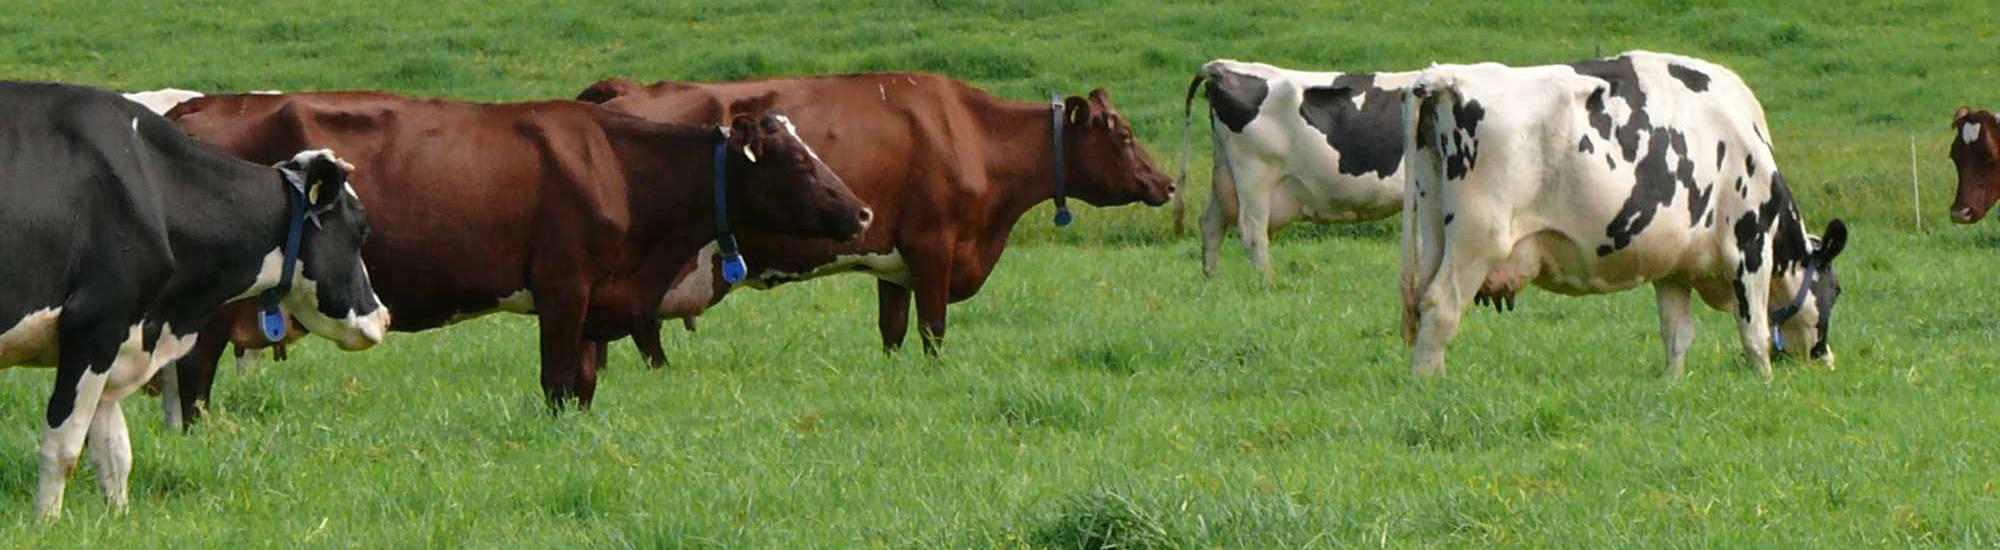 milk-cows2